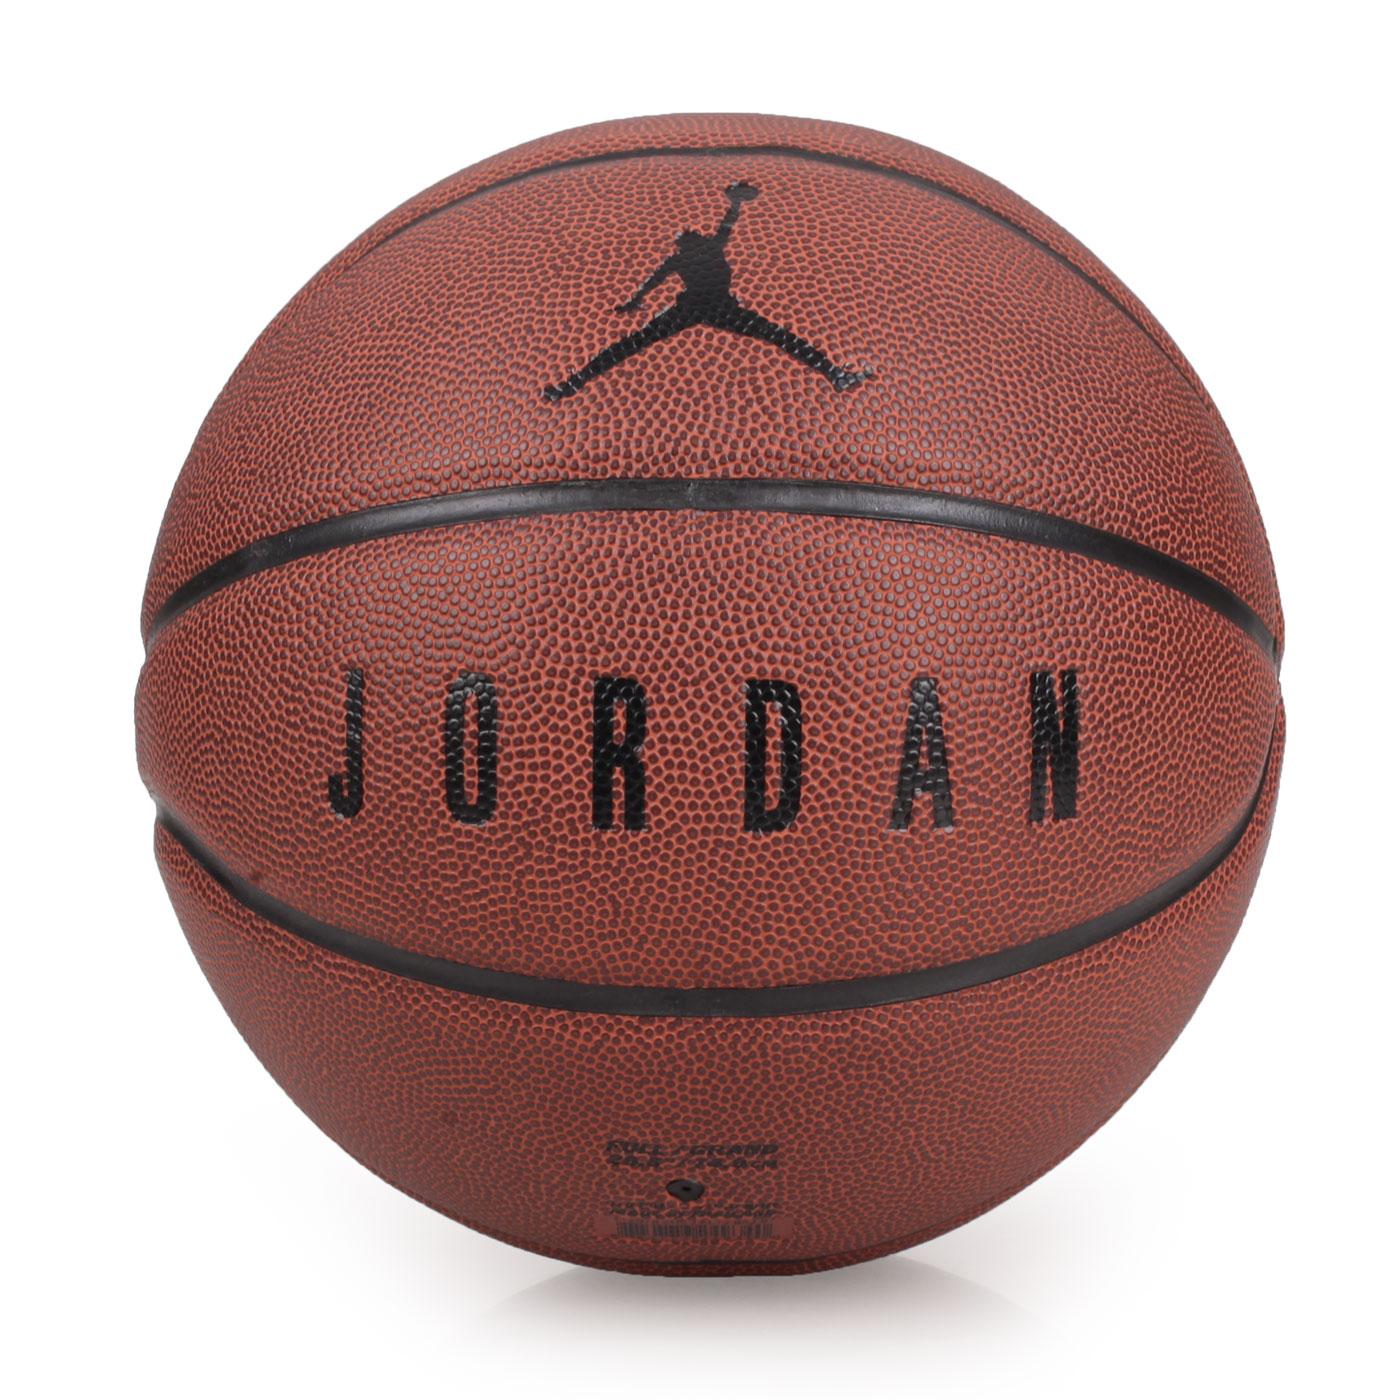 NIKE JORDAN ULTIMATE 8P 7號籃球 JKI1284207 - 咖啡黑